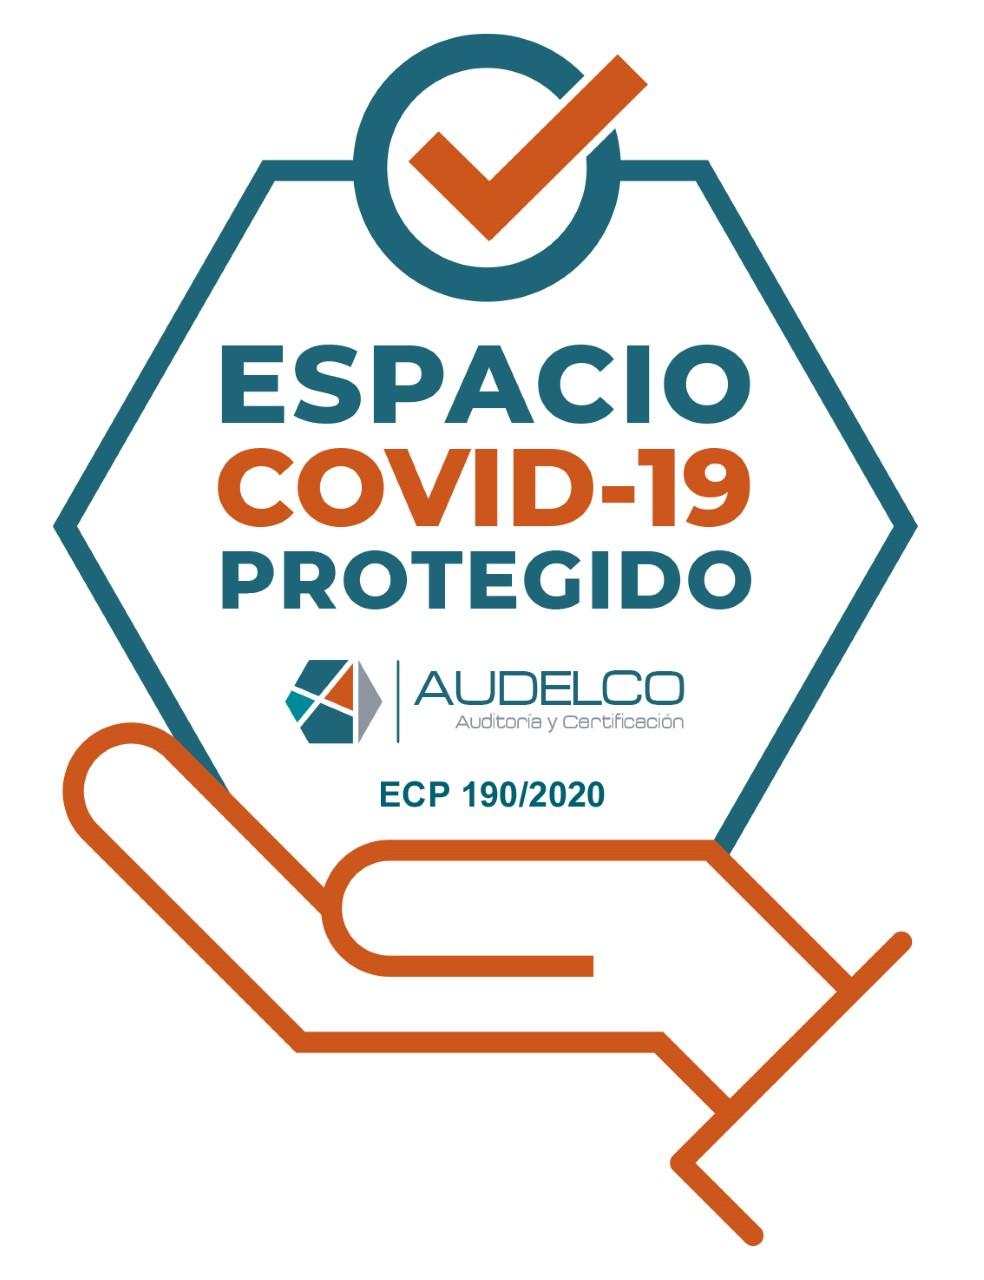 Oney recibe el sello 'Espacio COVID-19 protegido'